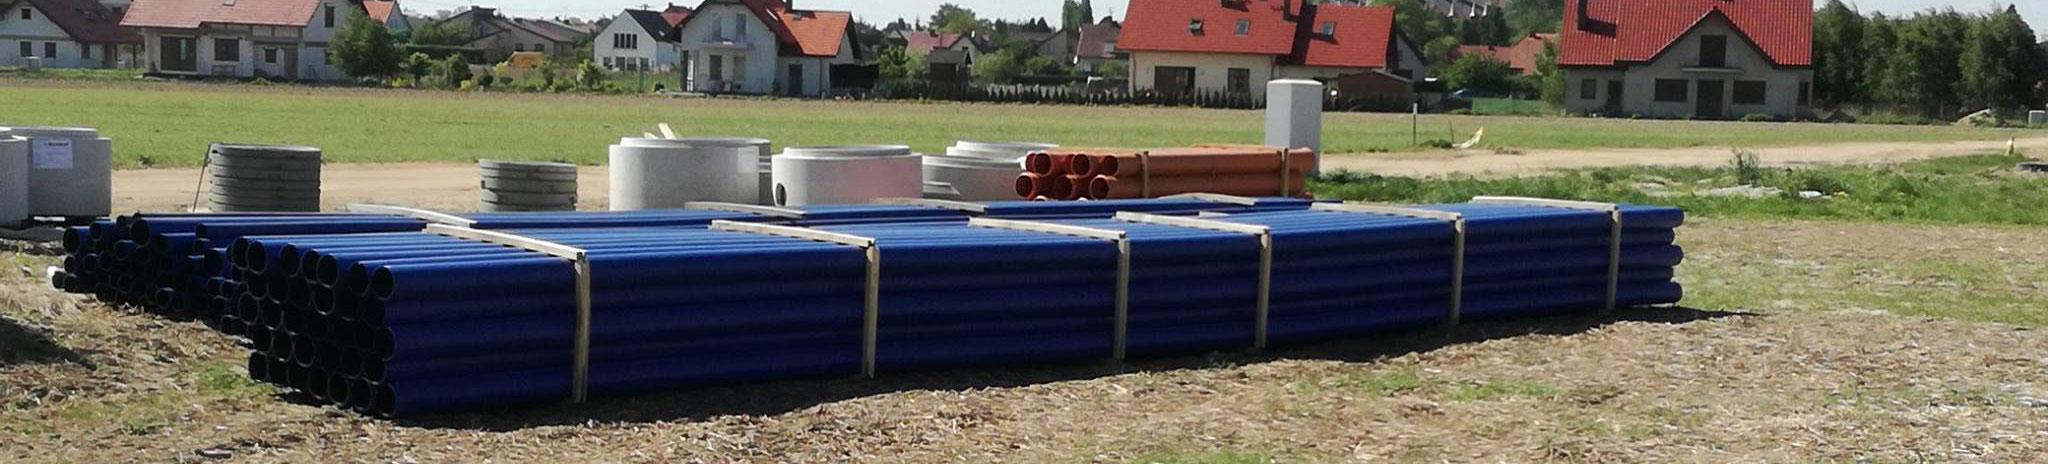 Budowa sieci kanalizacji sanitarnej i wodociągowej w Dobroszycach